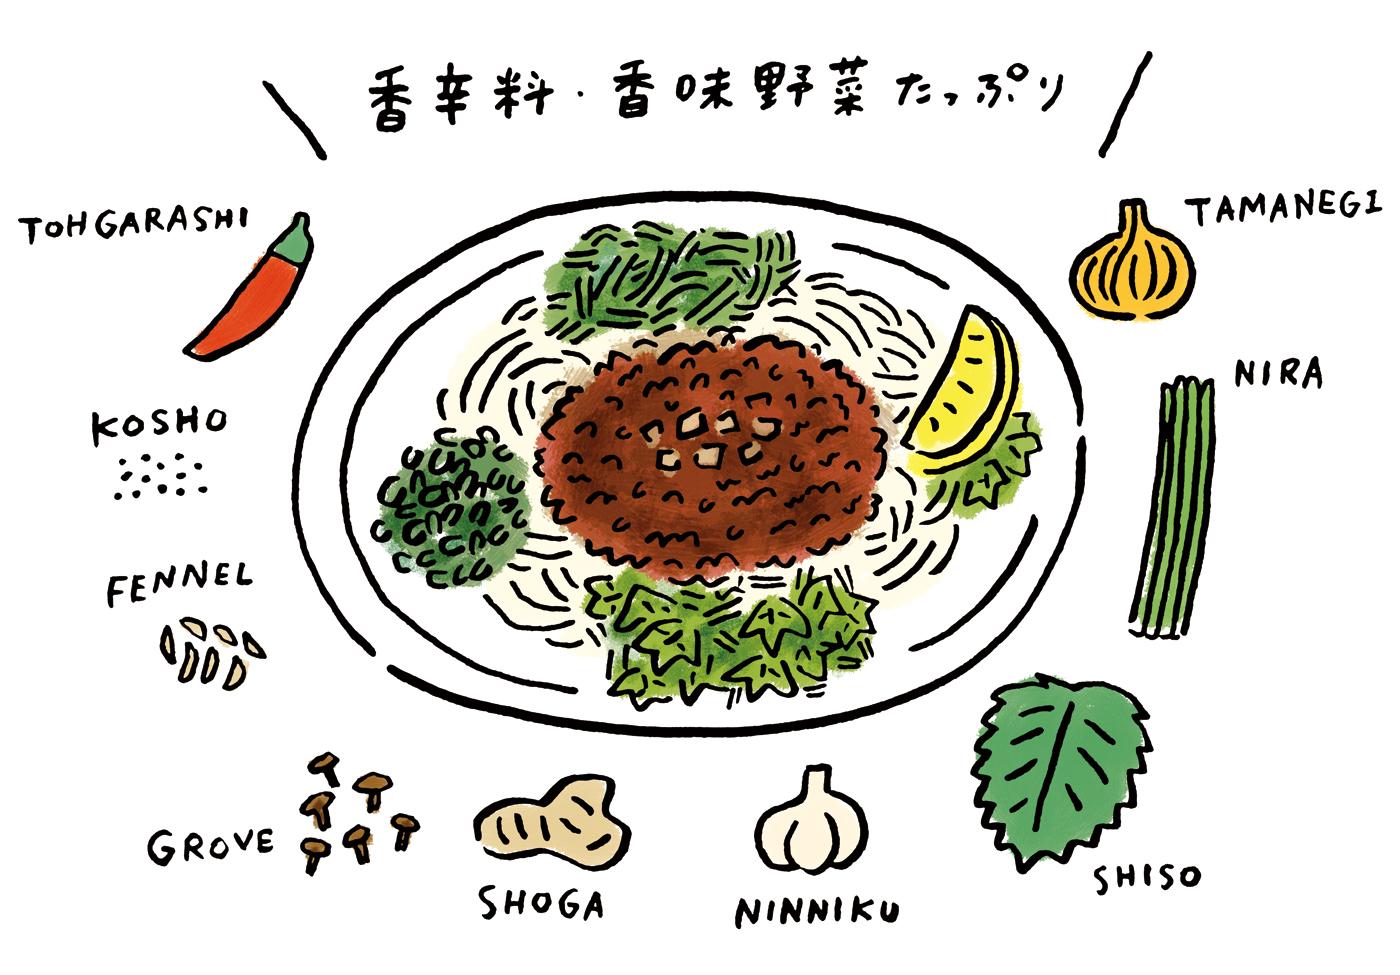 痛い 時 の 食事 が 胃